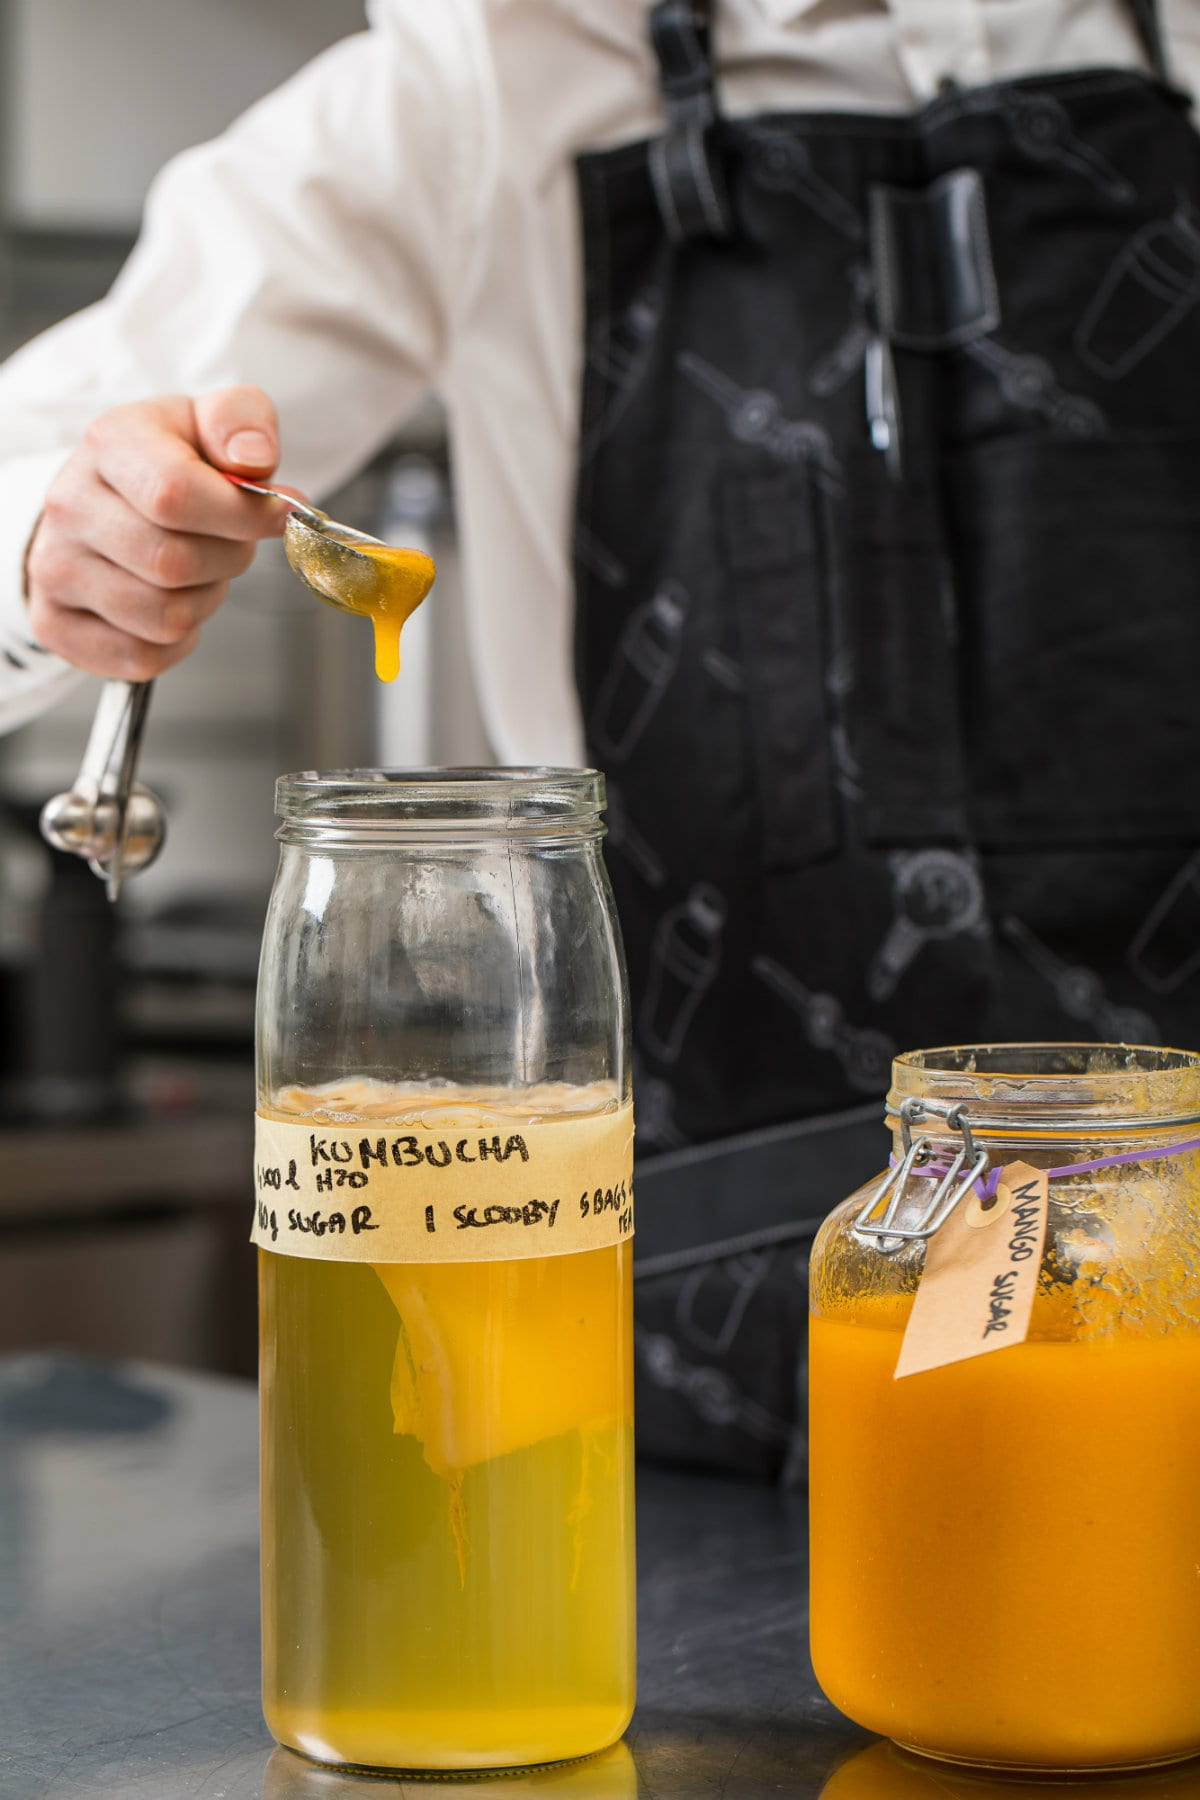 Mango Konbucia che verrà servito da Latta, Distillatore che verrà utilizzato nel laboratorio a vista di Latta, Il pub moderno che propone cocktail, fermentati e birre in lattina